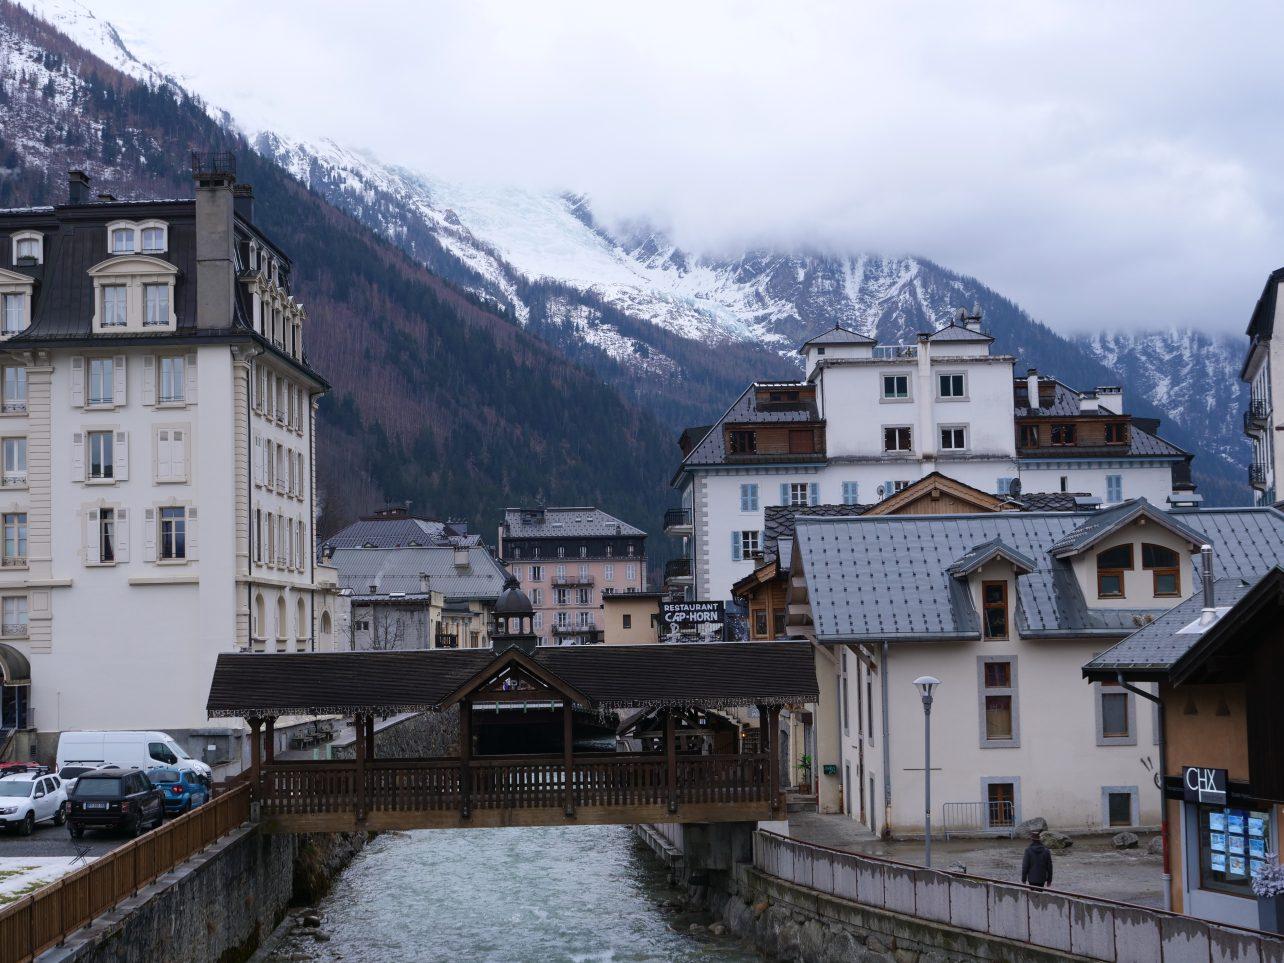 La ville de Chamonix au pied du massif du Mont-Blanc en Haute-Savoie